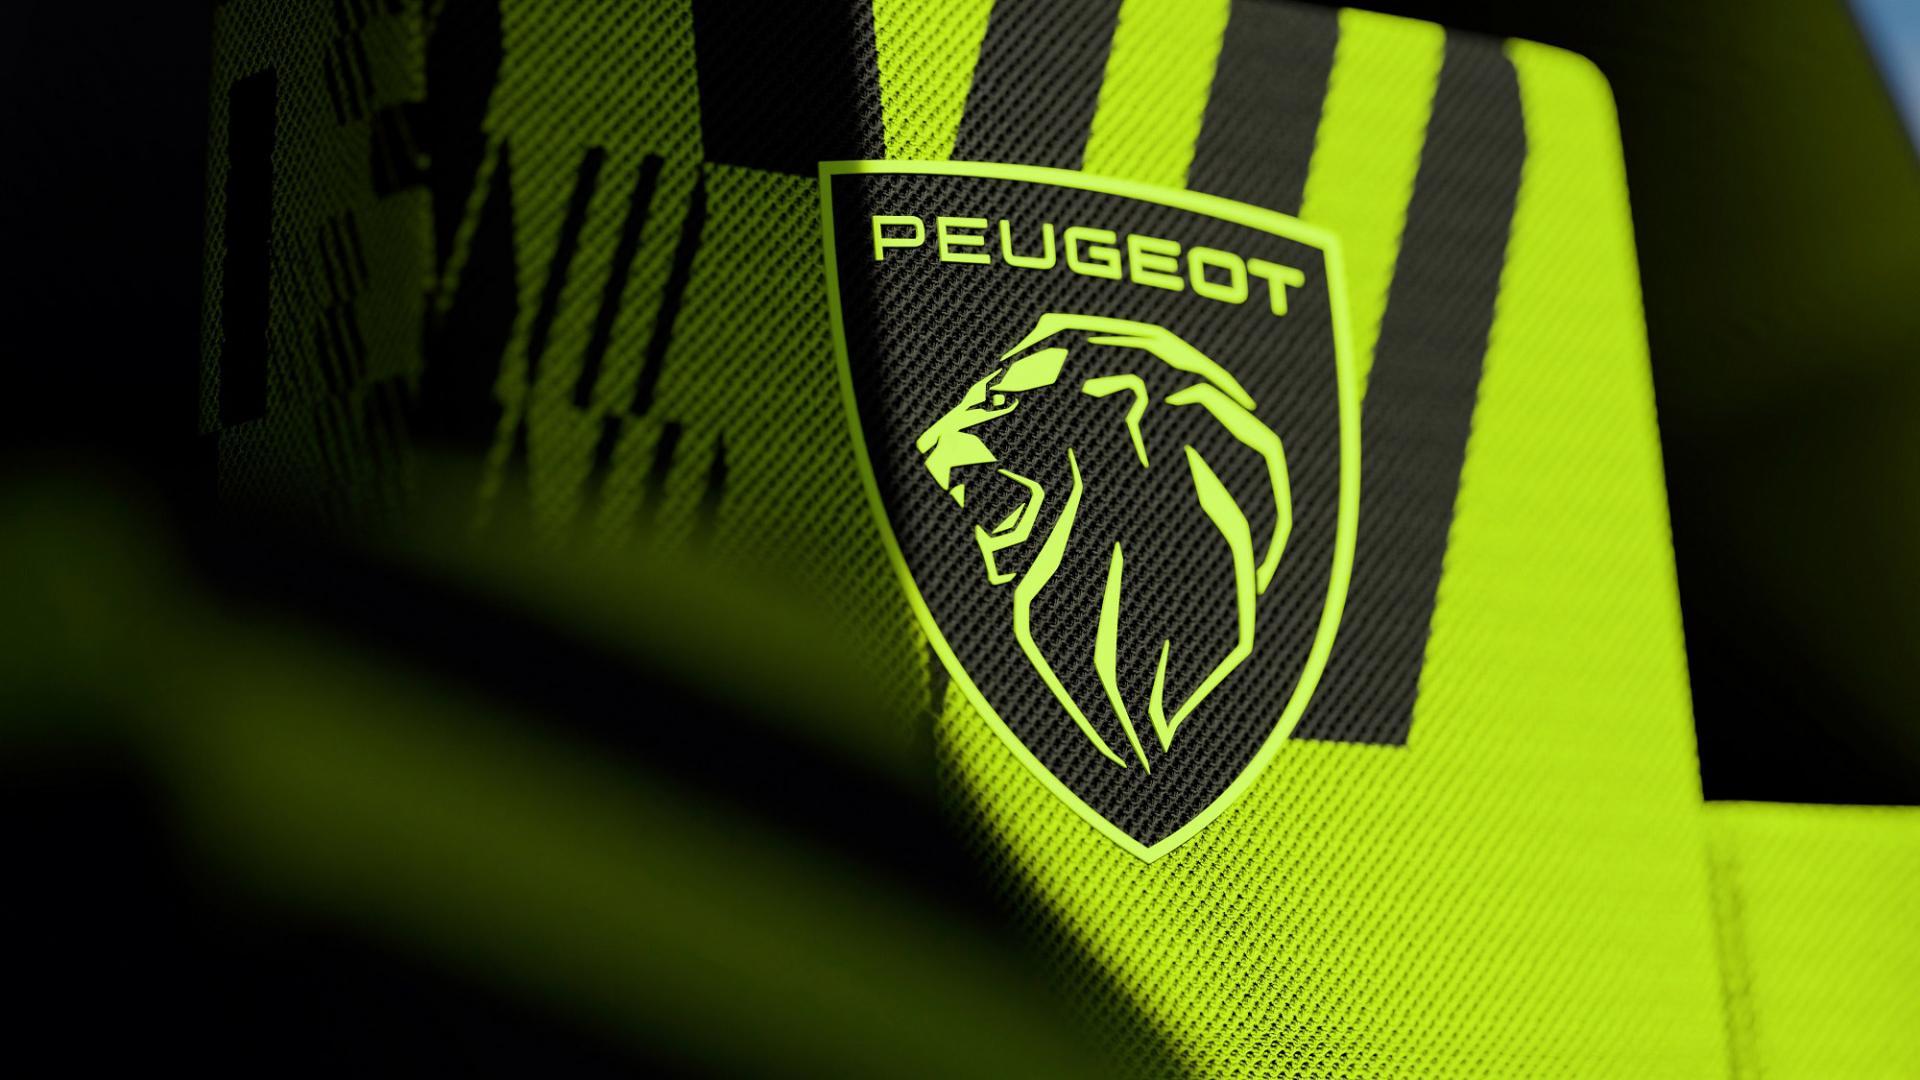 Peugeot 9x8 Hypercar Le Mans 2022